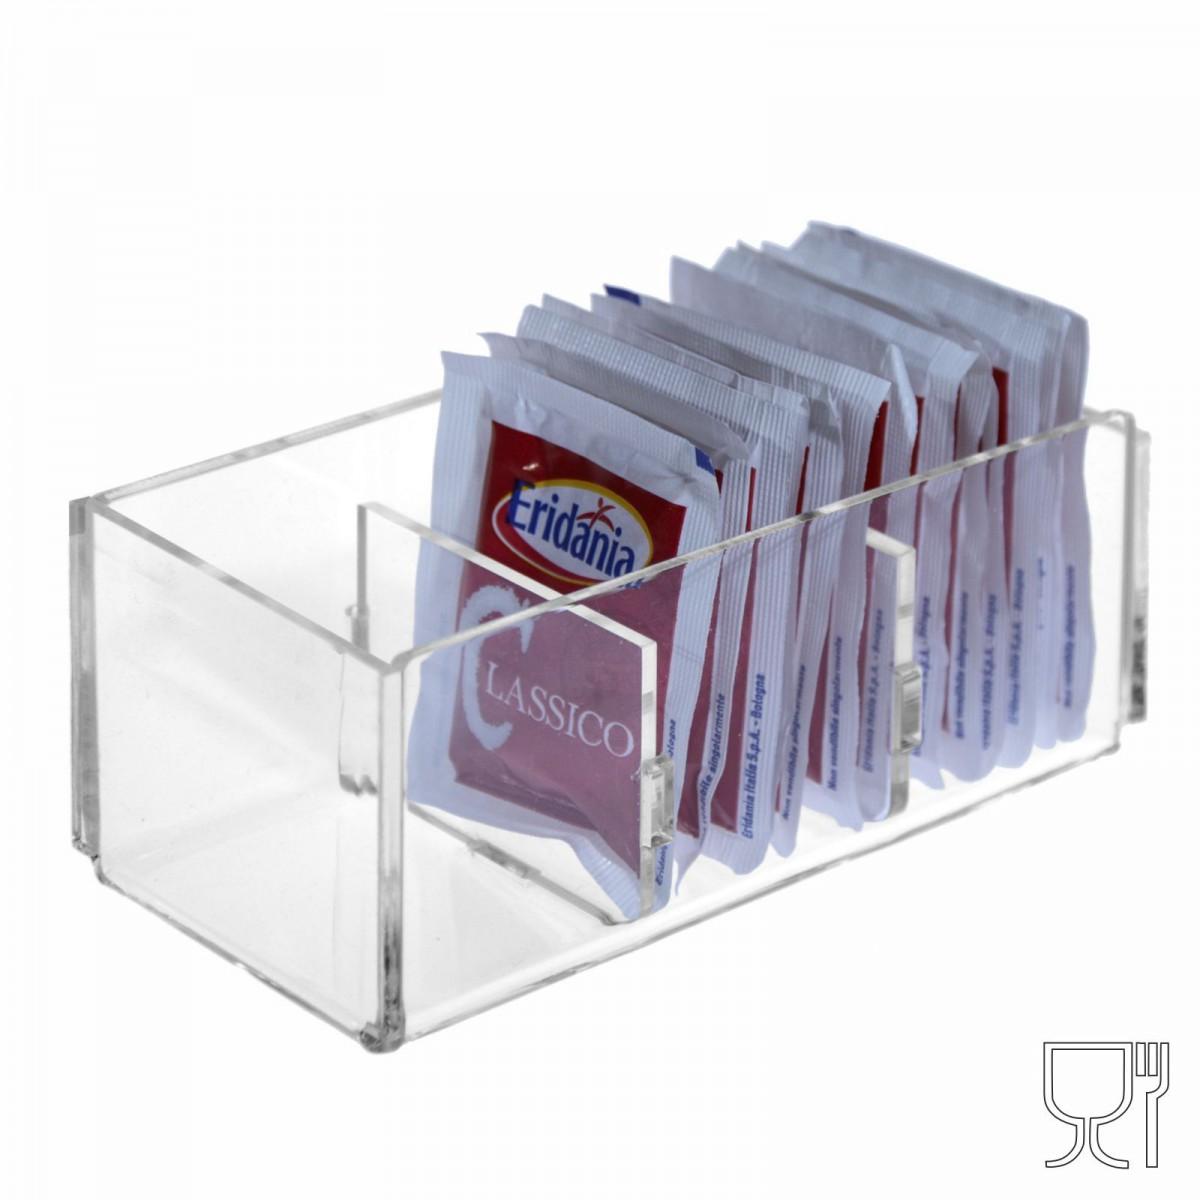 Zuckertüten-Halter aus durchsichtigem Plexiglass mit sechs Fächern - CM(LxPxH): 12.5x6x5